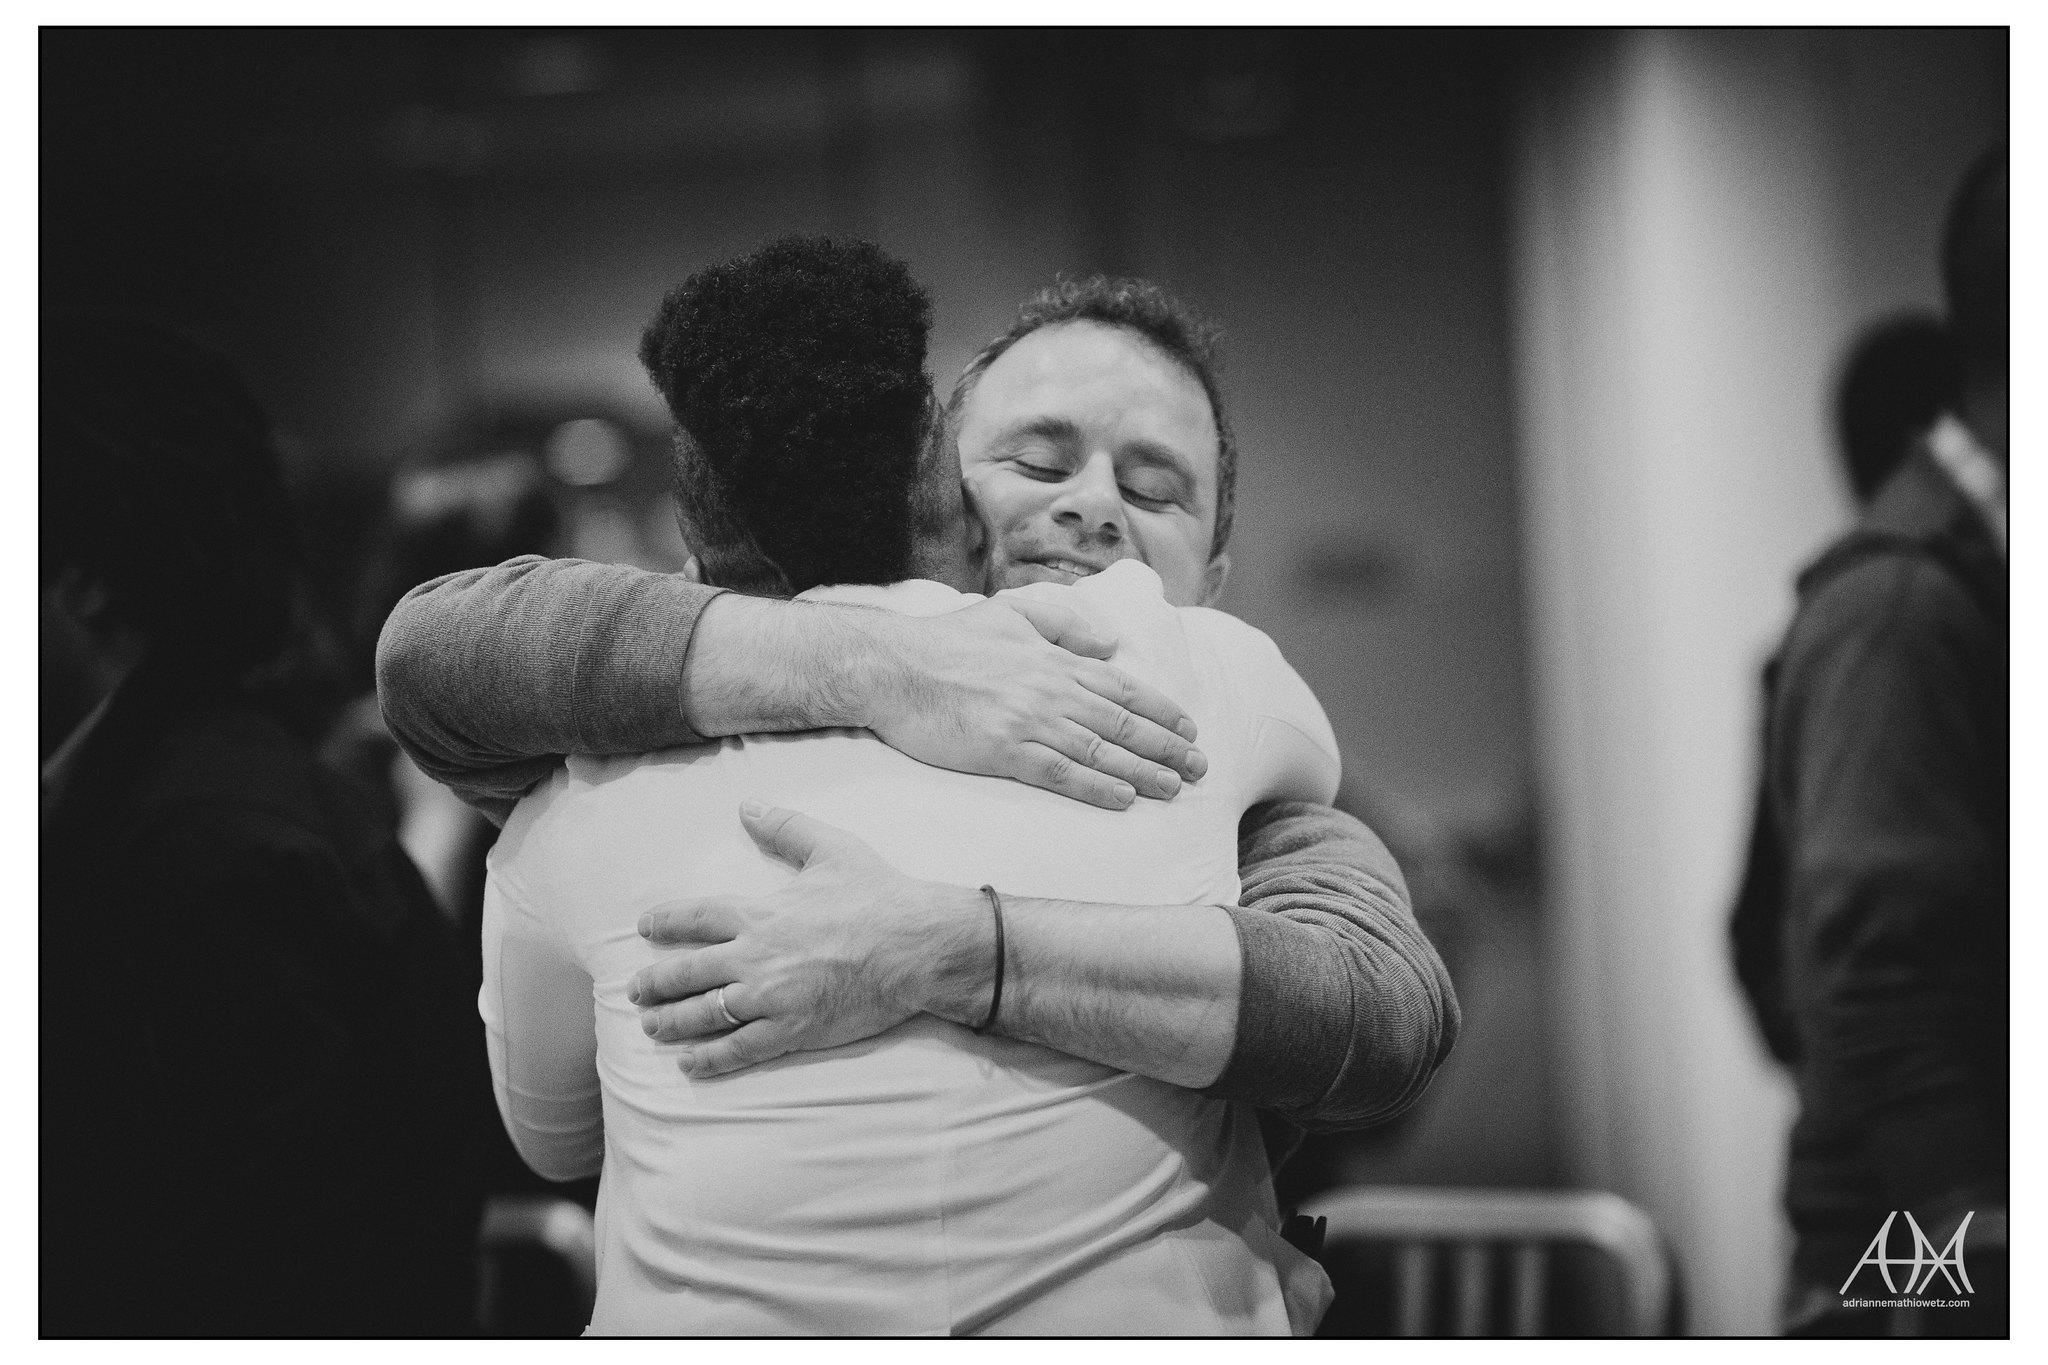 Hug (BW)